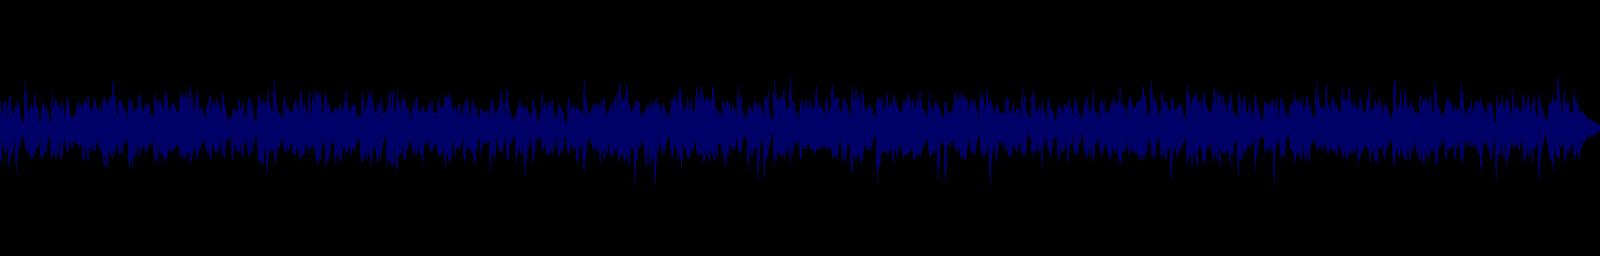 waveform of track #127321